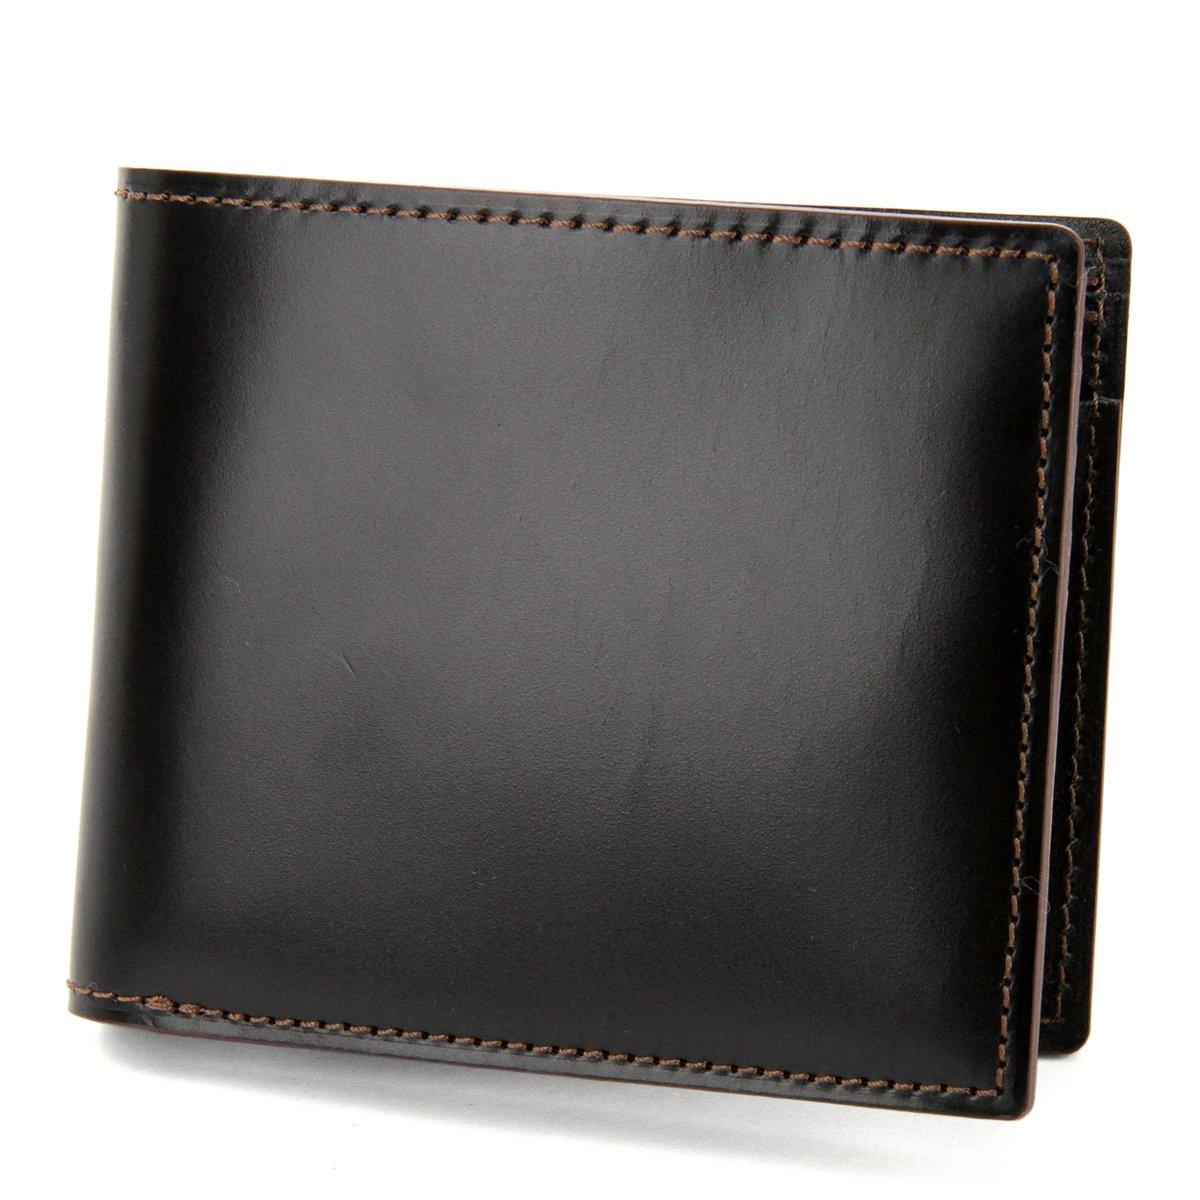 [エルゴポック] 二つ折り財布 コードバン 本革 CVW-WT2 メンズ B0721RQH7P ブラック ブラック